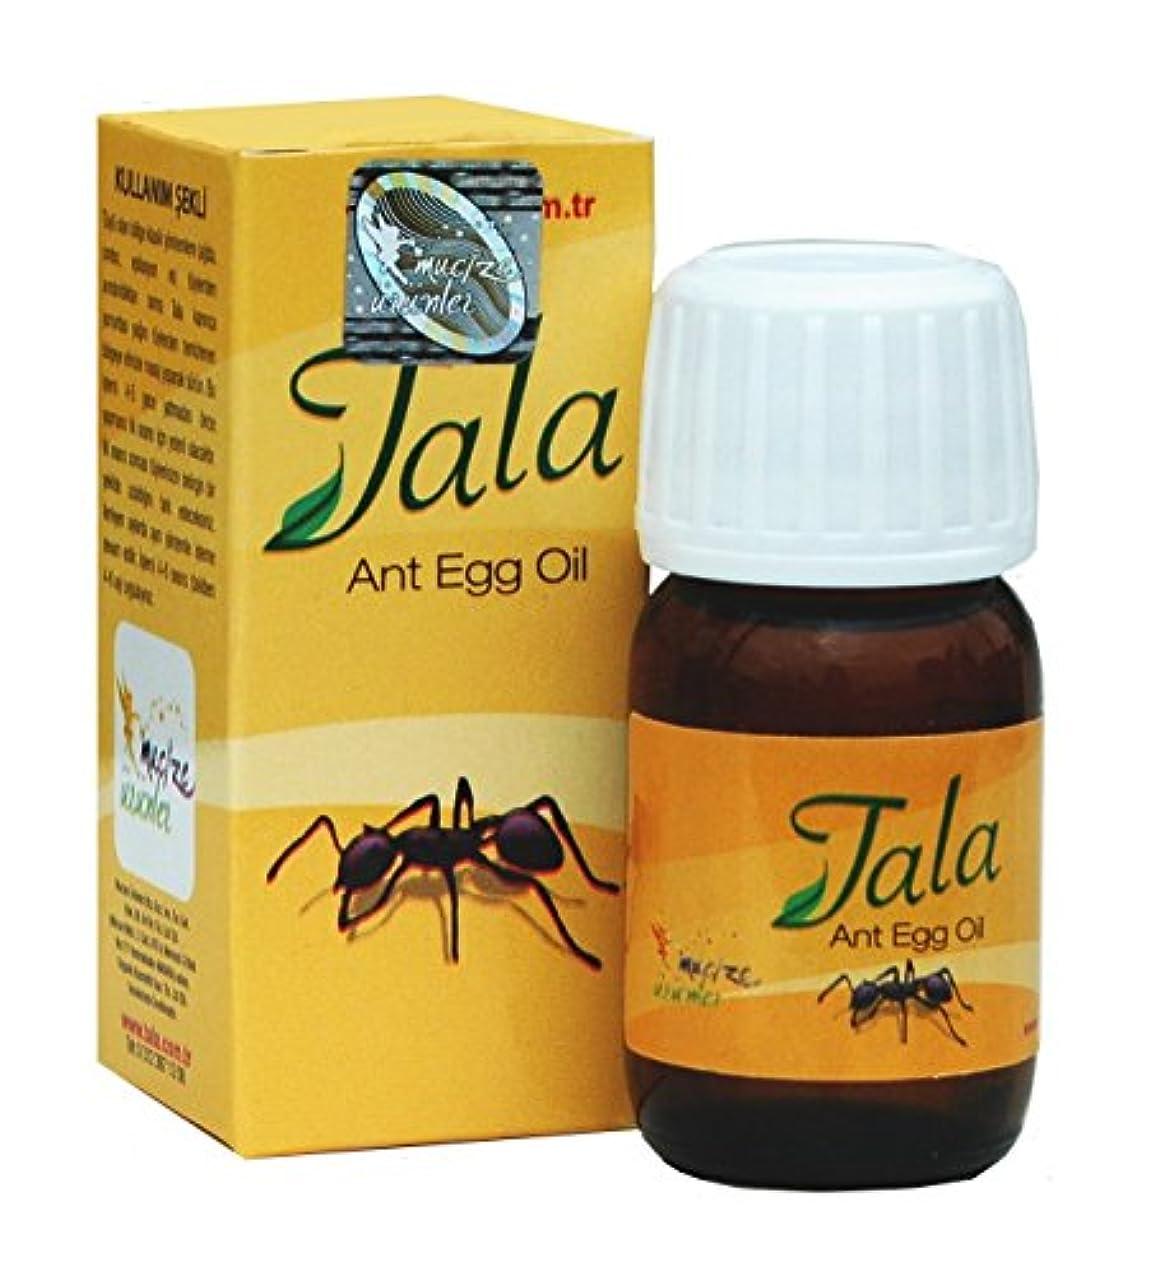 作るパーティー失速Tala Ant Egg Oil (アリ脱毛オイル) 20 ml [並行輸入品]